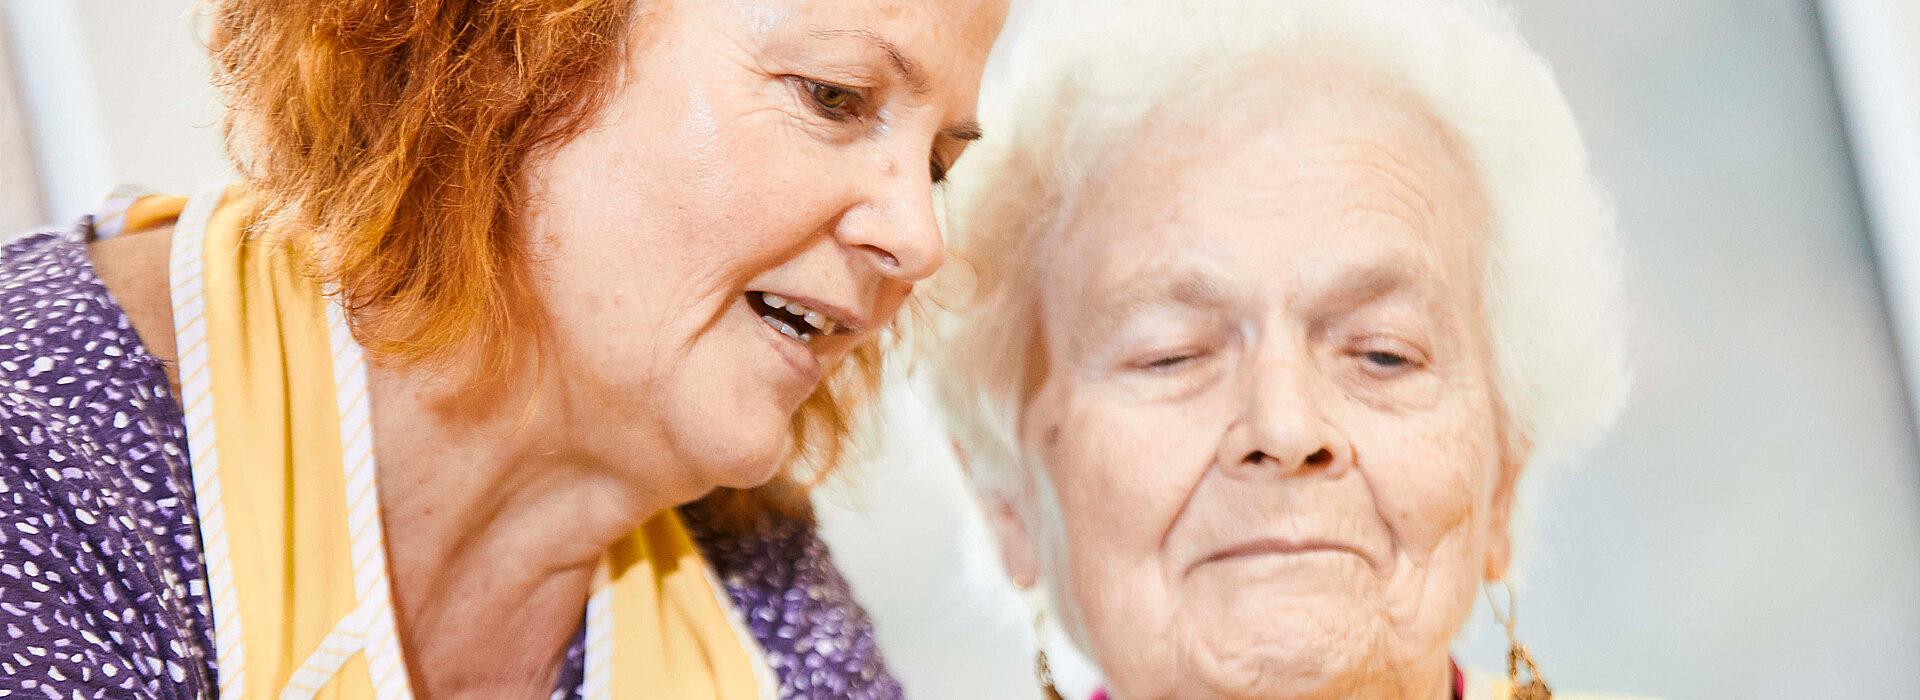 Foto: Aktivitäten mit Senioren - gemeinsames Kochen